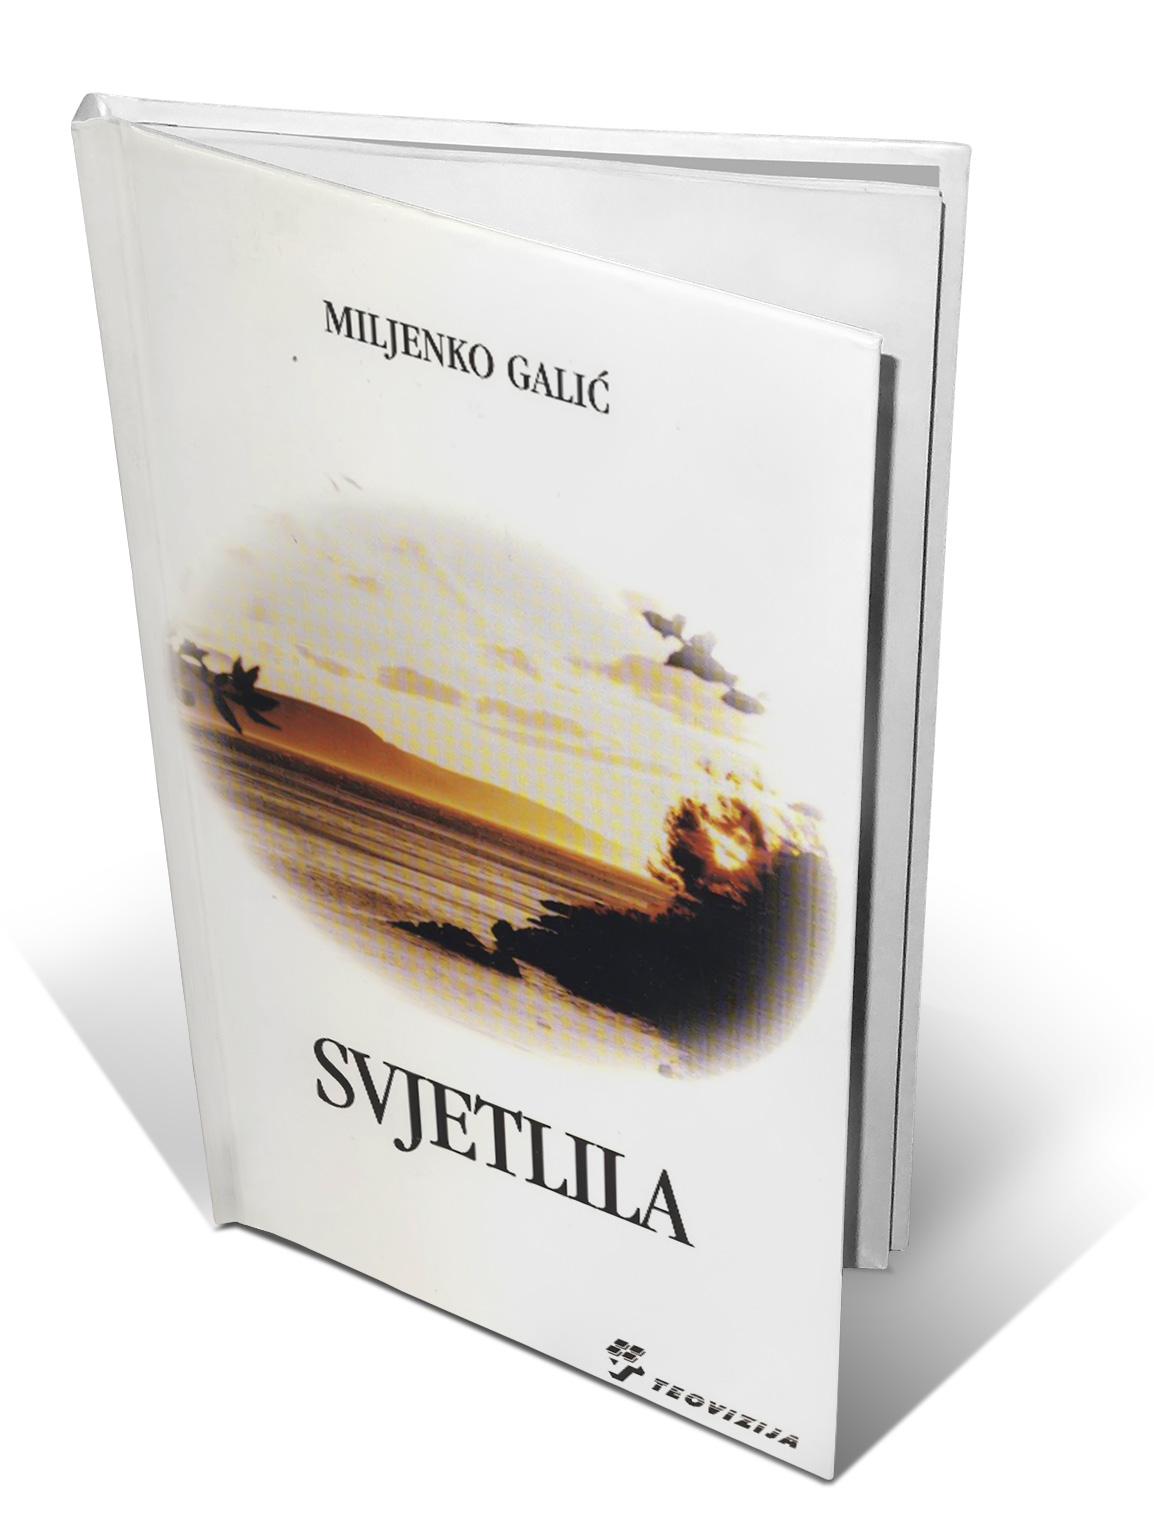 SVJETLILA - Miljenko Galić